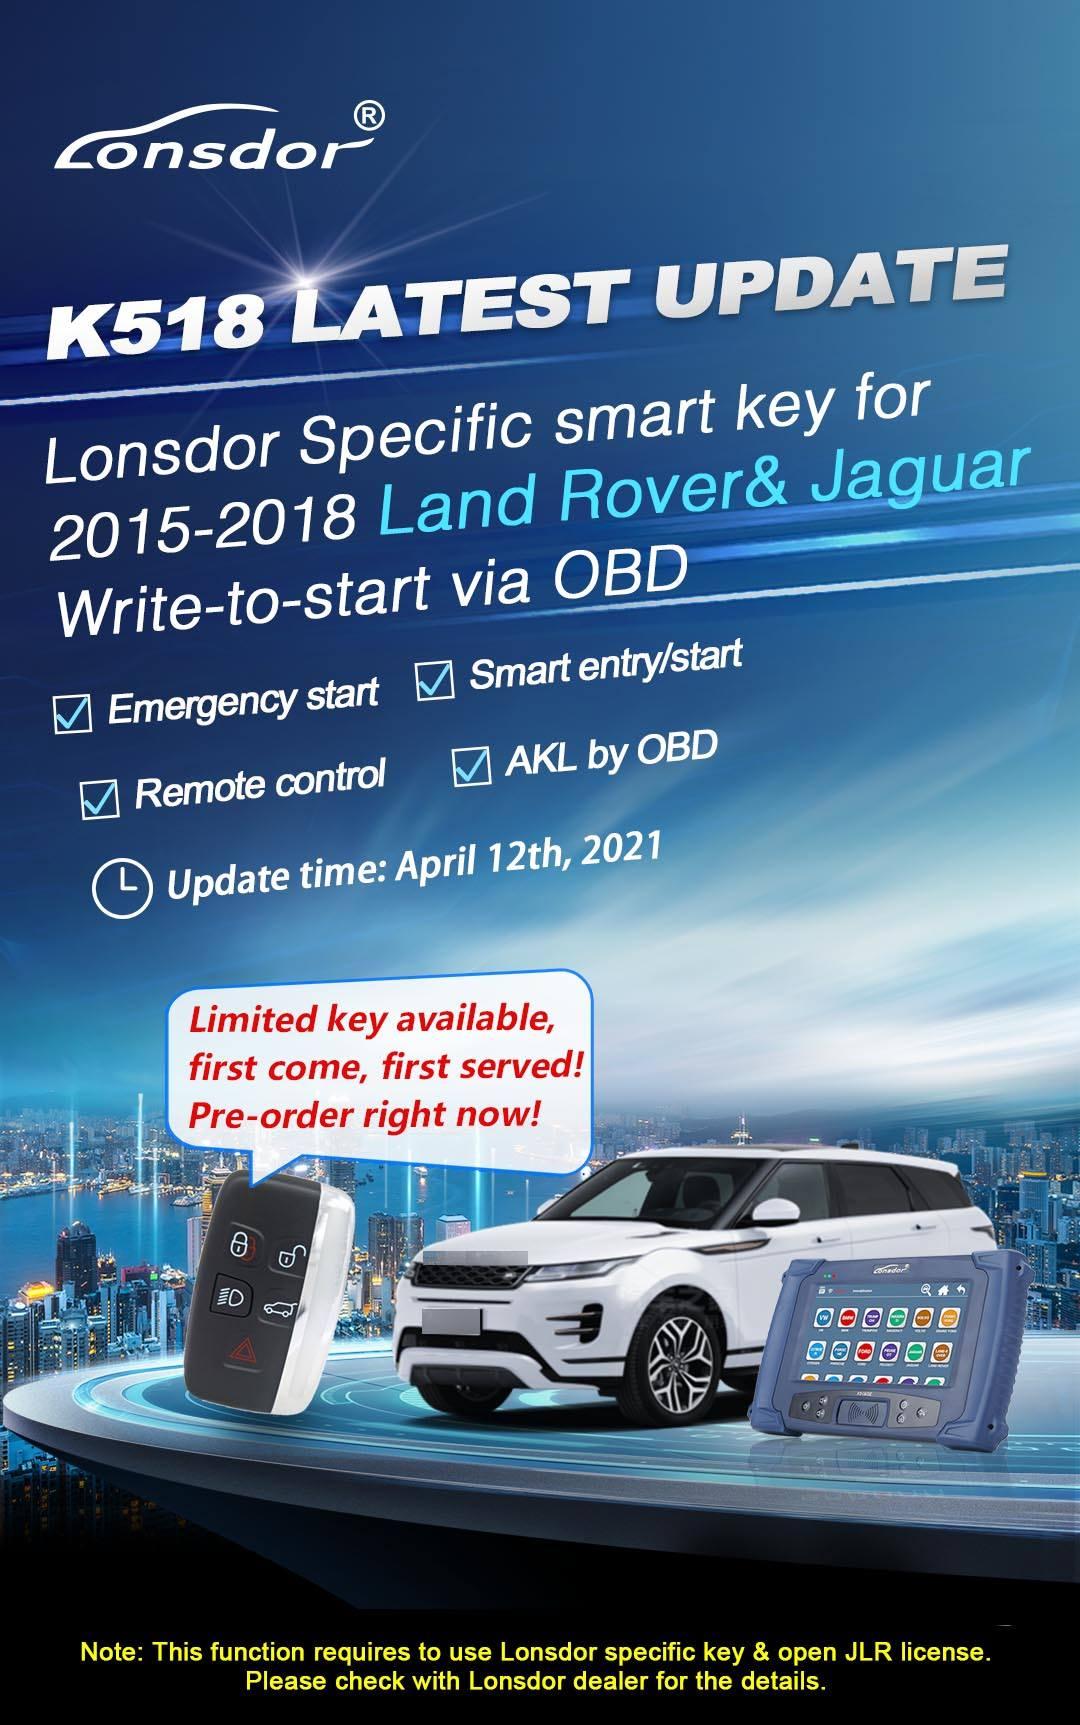 KEYECU Lonsdor Specific Smart Key 5 Buttons 315MHz/433MHz for 2015 2016 2017 2018 Land Rover Jaguar Word for Lonsdor K518